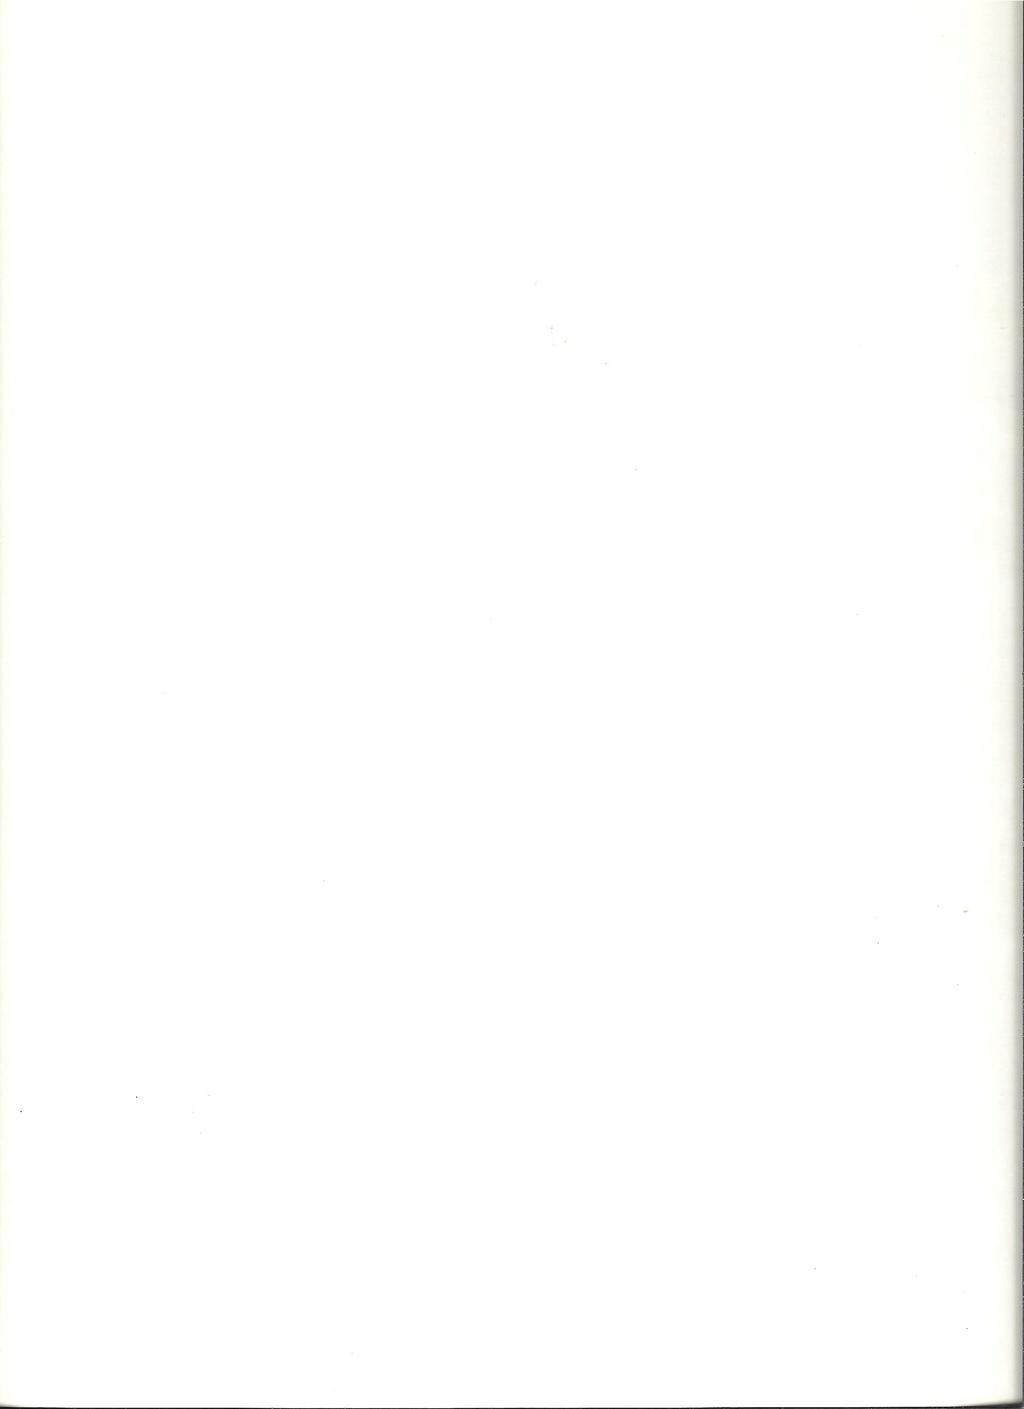 [LAROUSSE ] Maquette cartonnée n°1 SPAD VII au 1/30ème  Larous15